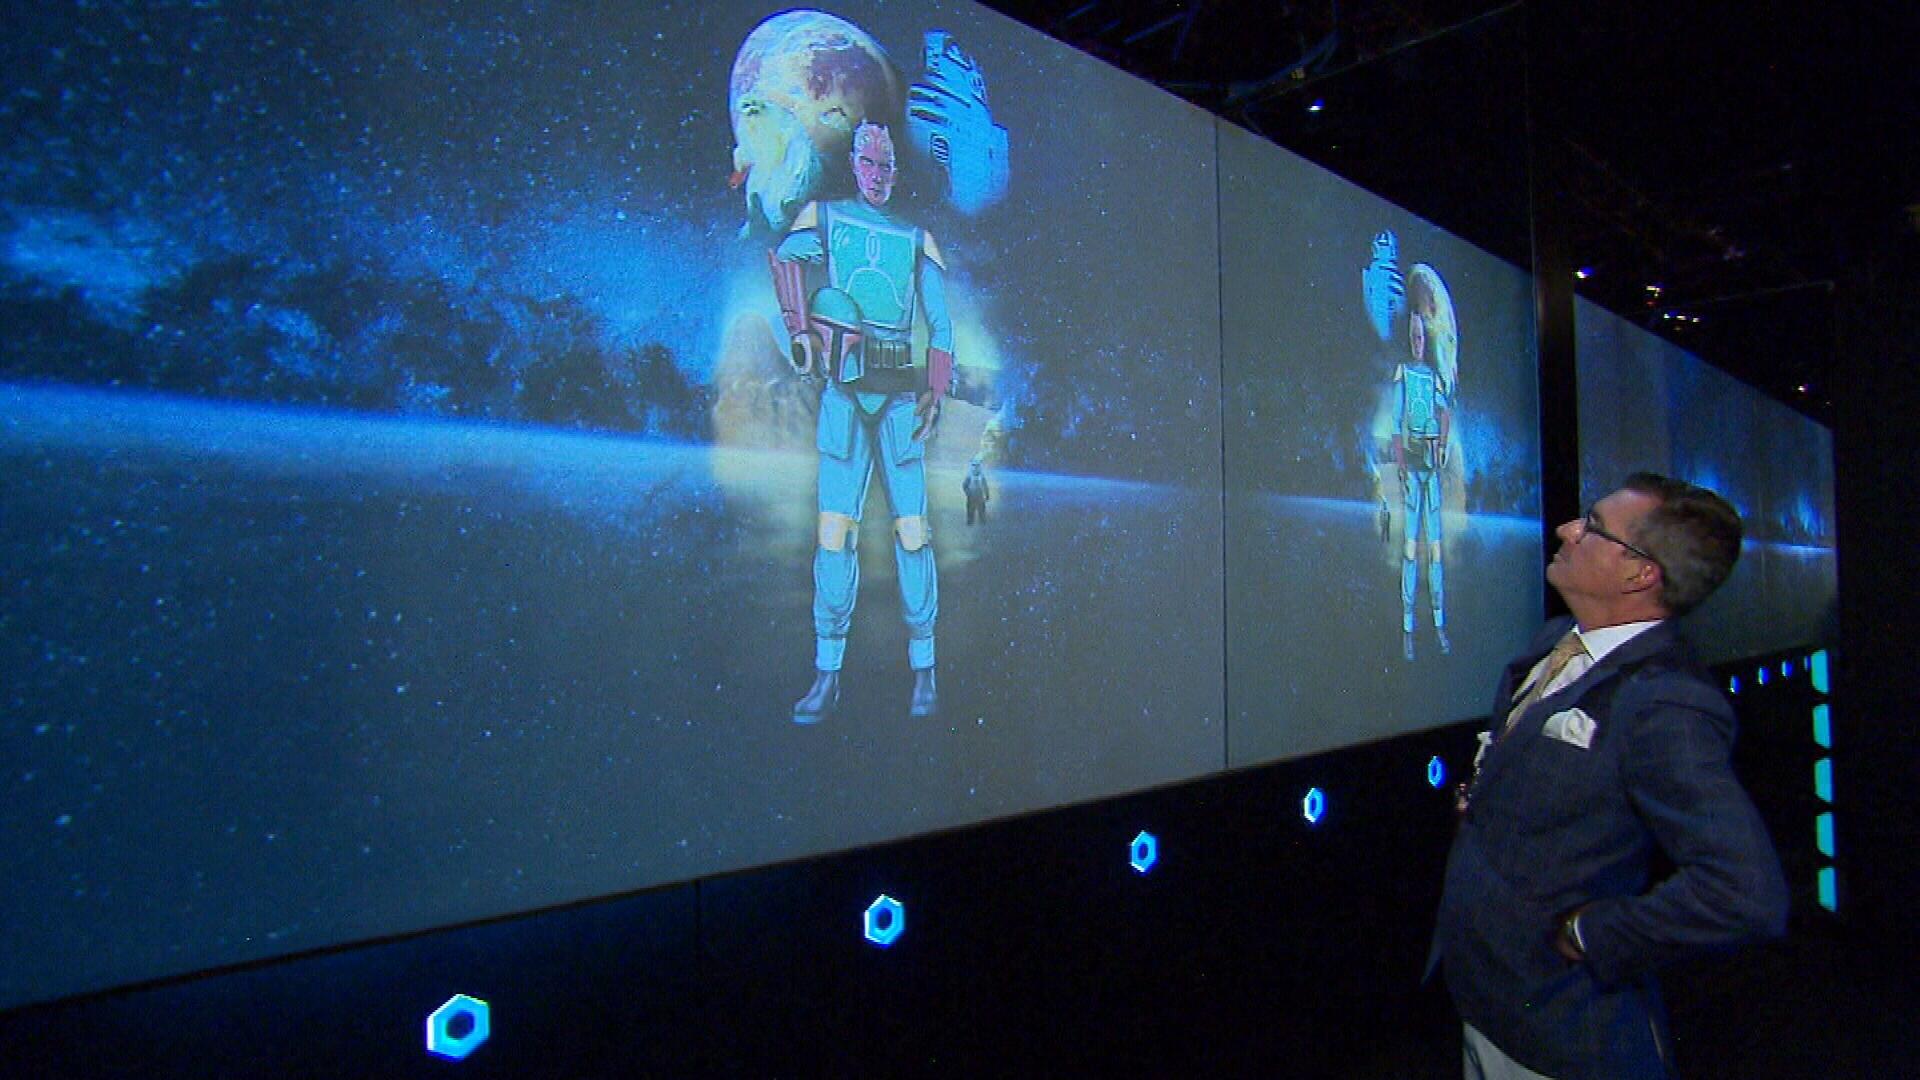 Star Wars exhibition opens in Sydney